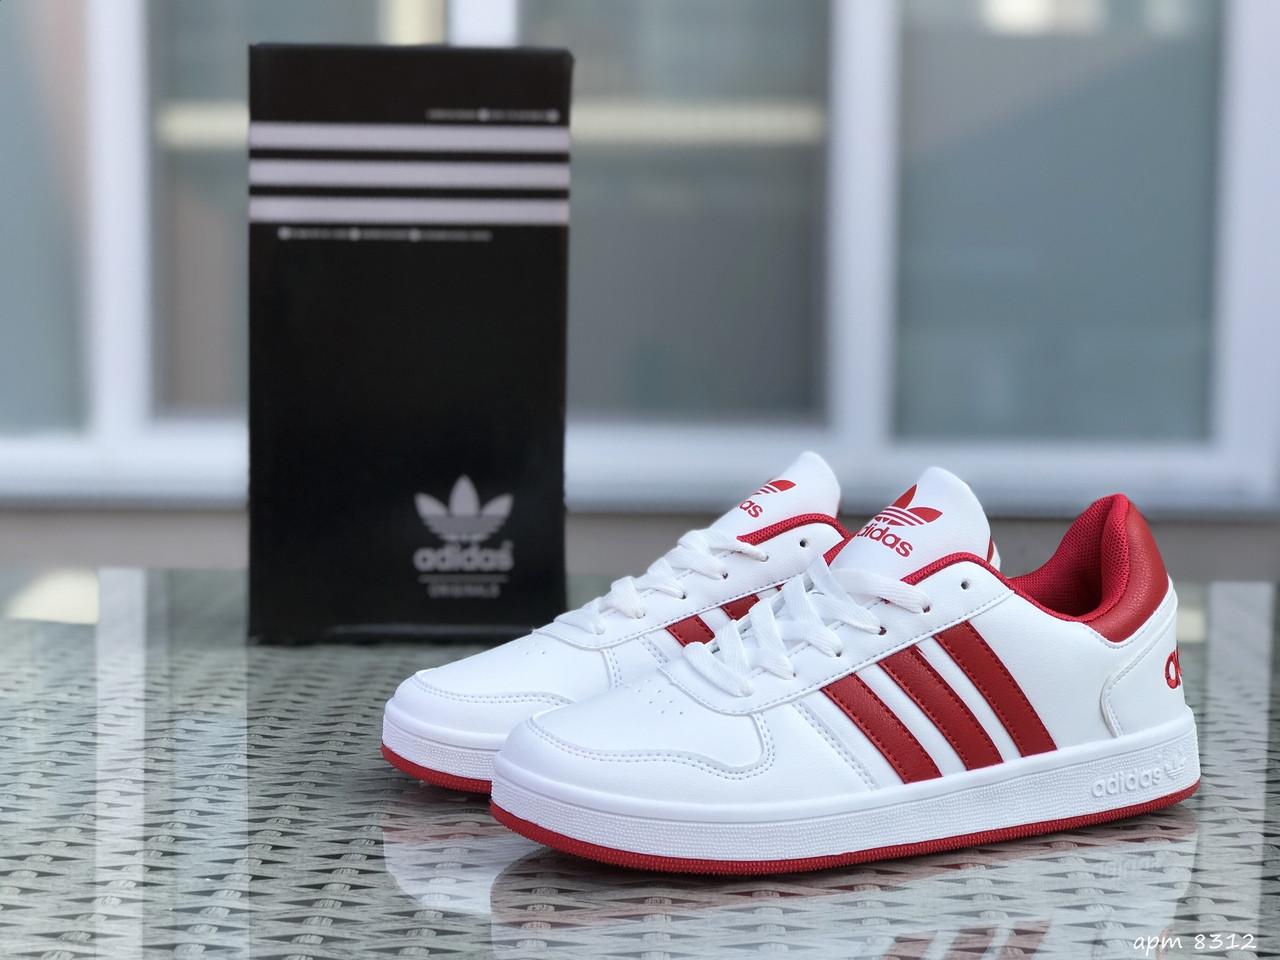 Кроссовки Adidas La marque,белые с красным